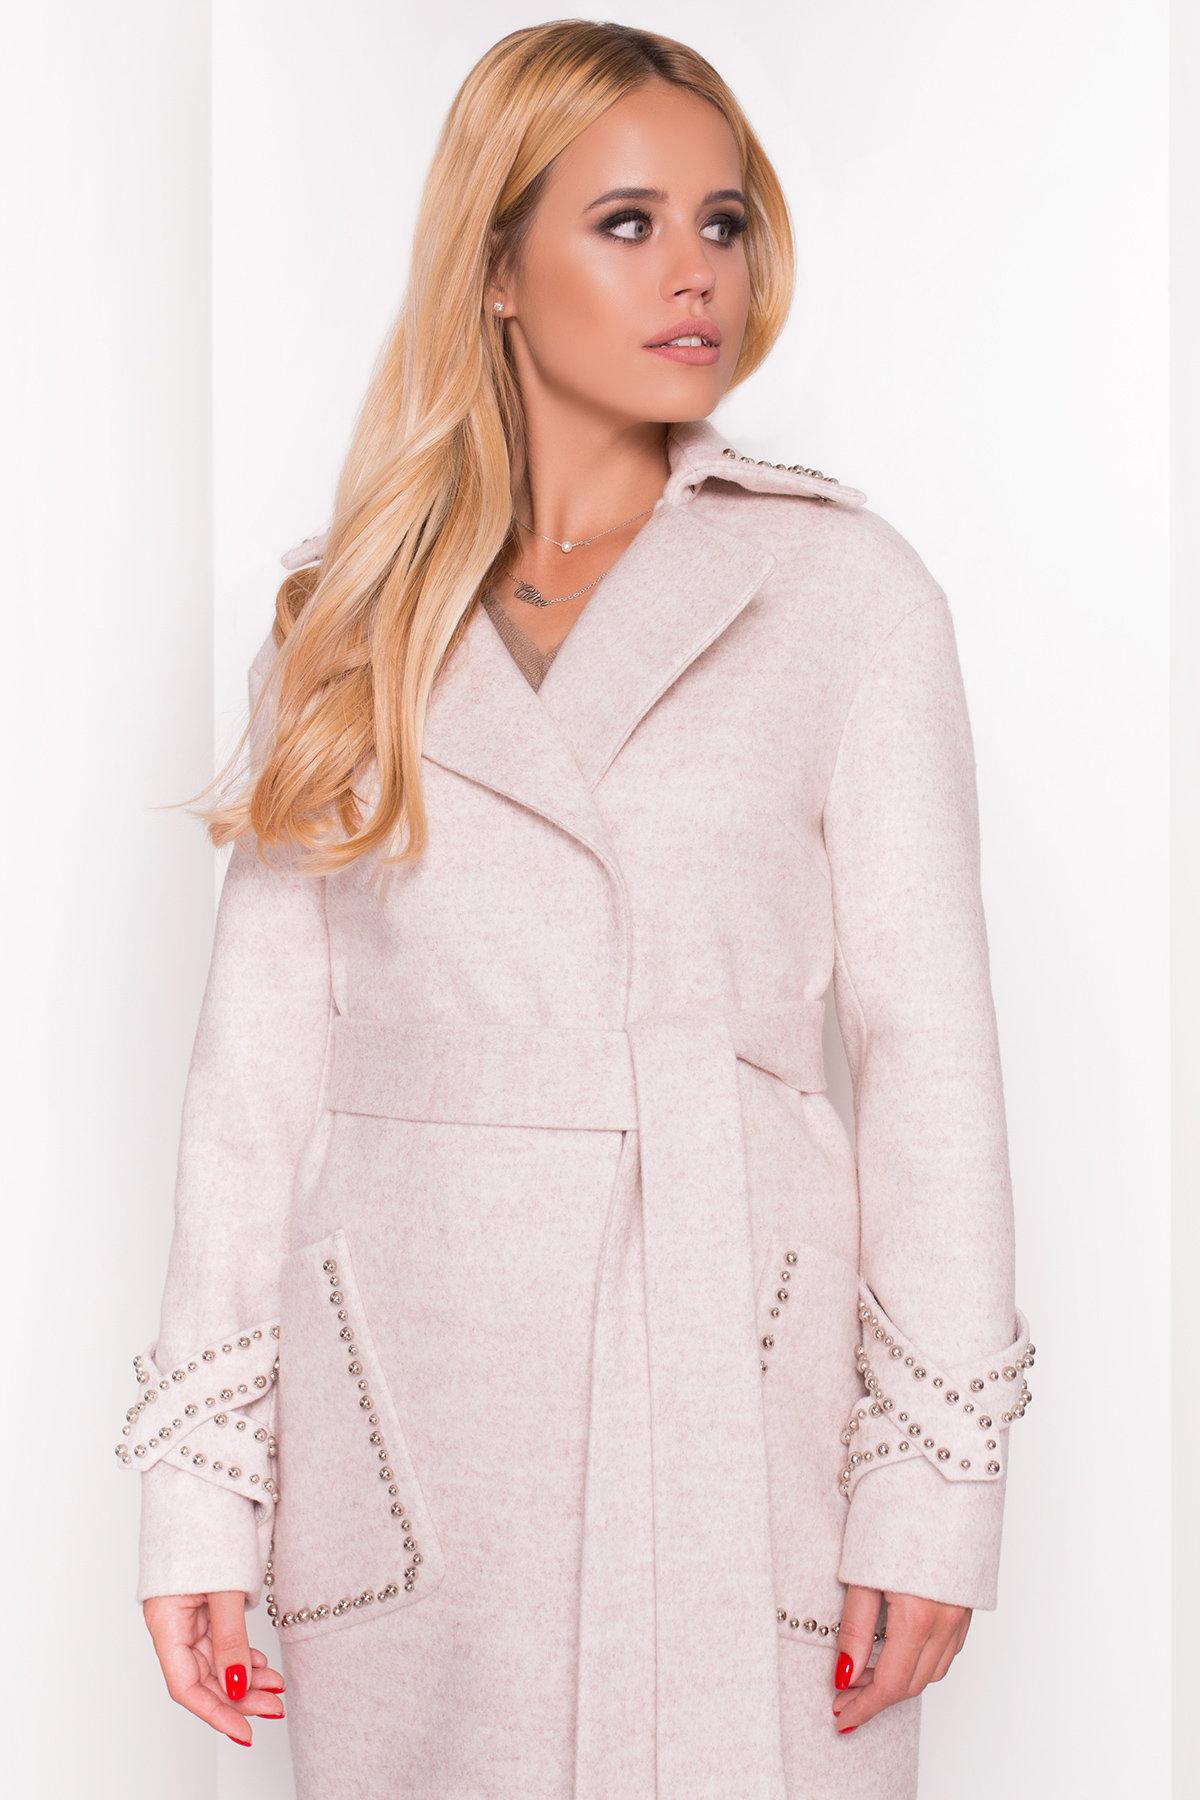 Кашемировое демисезонное пальто с декором Алина 5248 АРТ. 36621 Цвет: Бежевый - фото 3, интернет магазин tm-modus.ru